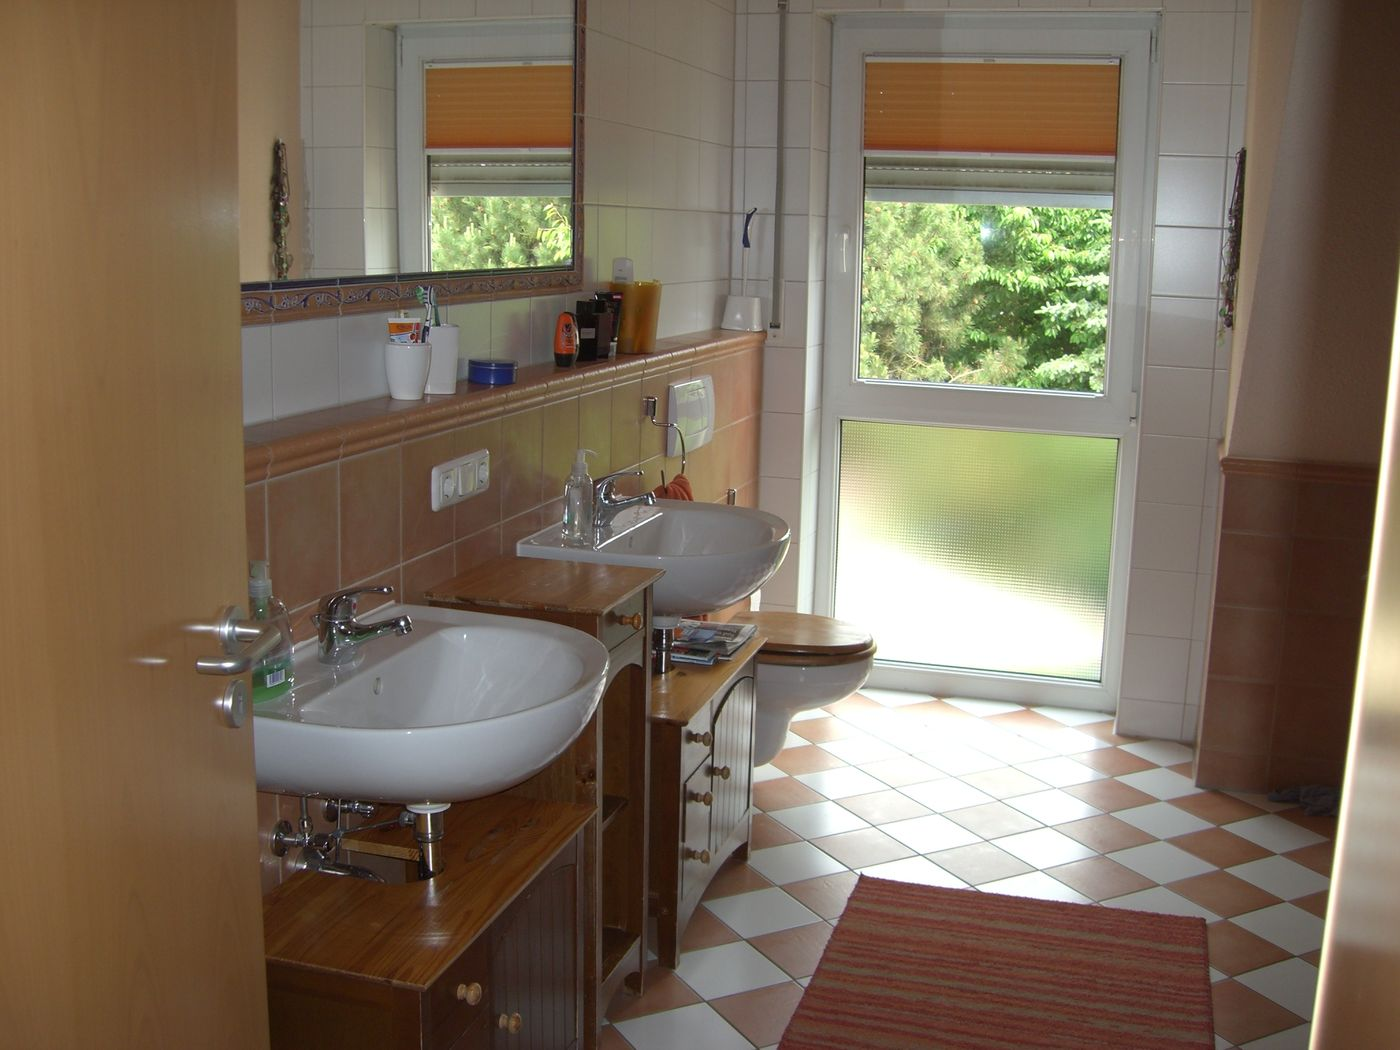 Ideen für schöne Waschbecken! - Seite 44